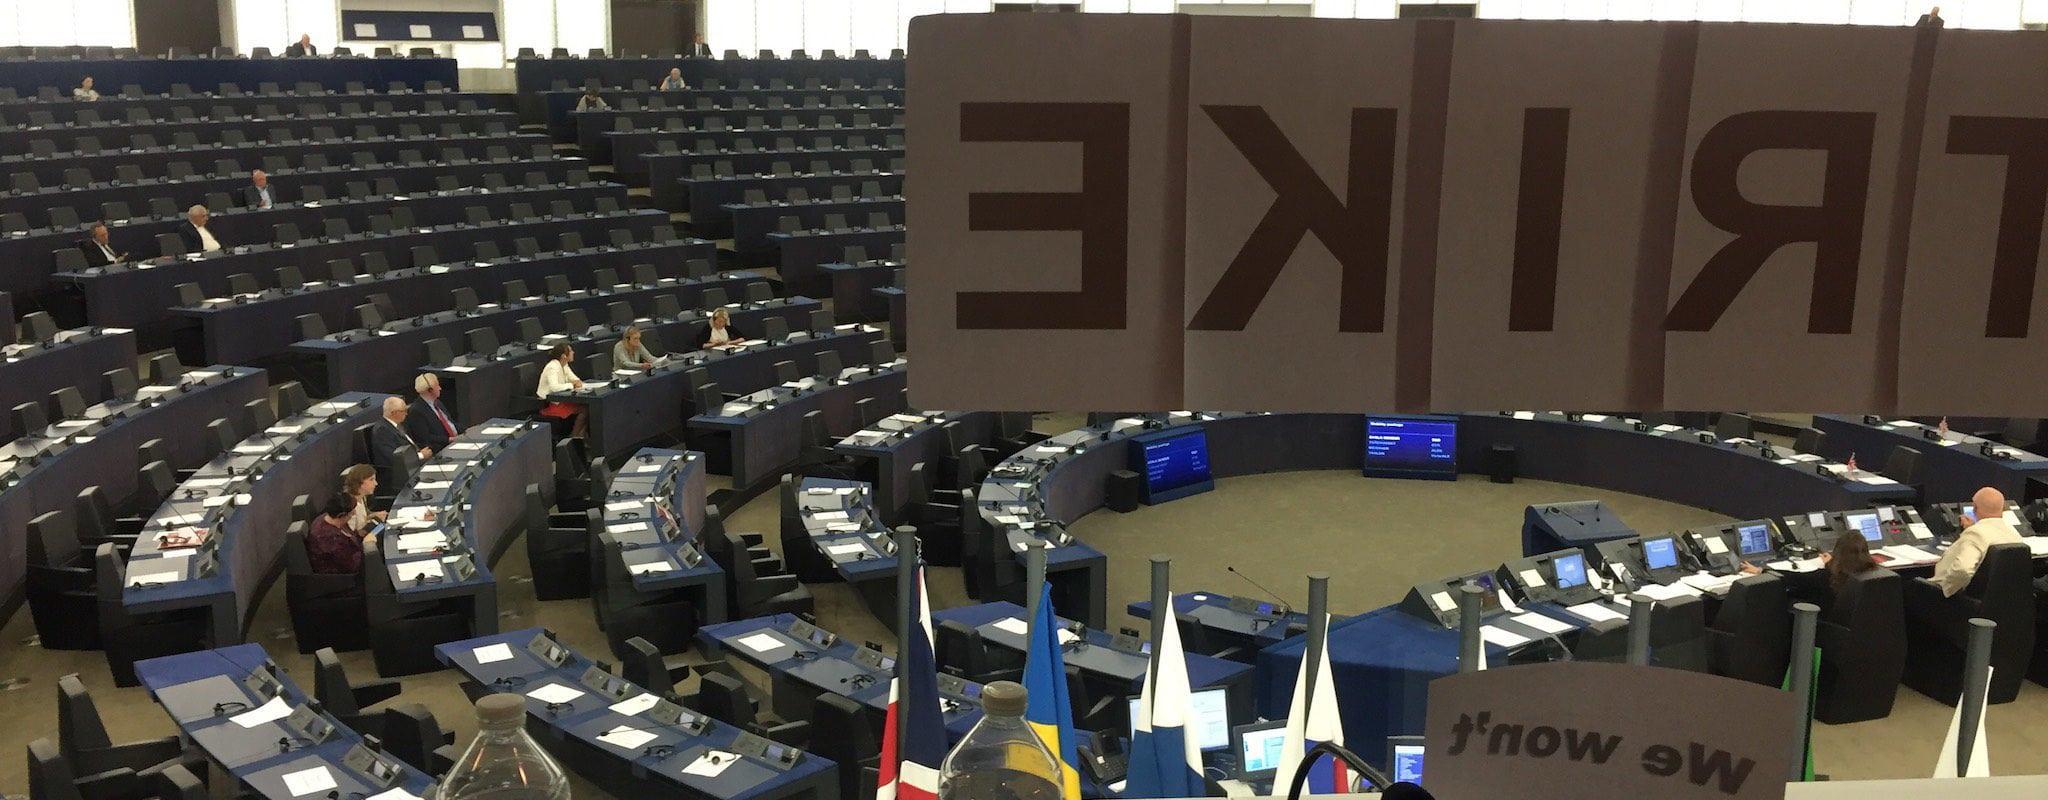 Épuisés, les interprètes du Parlement européen coupent le son